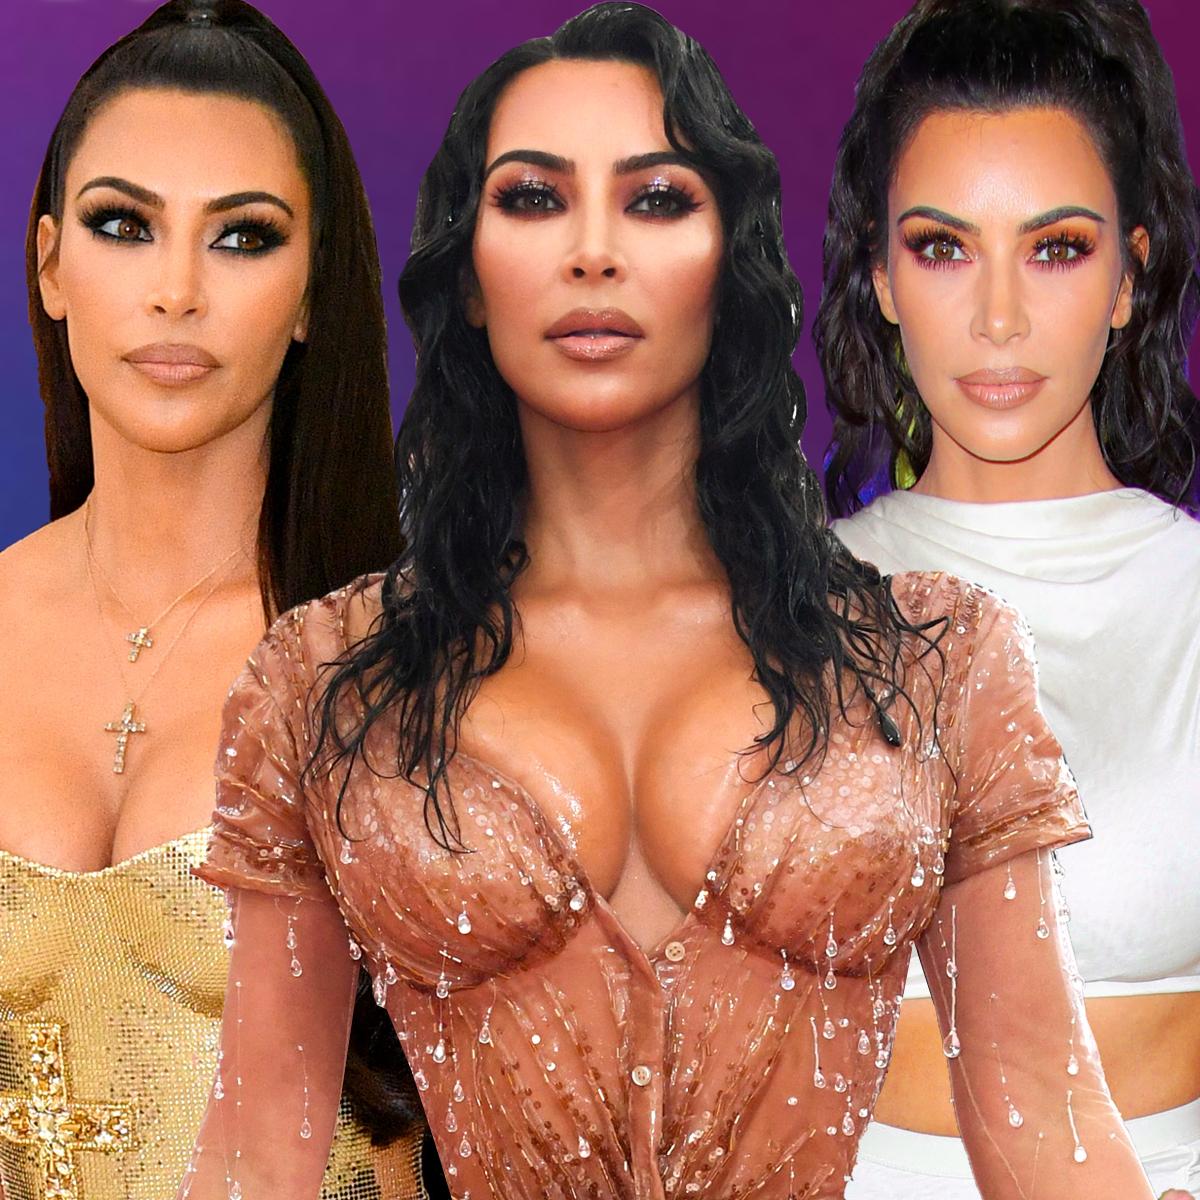 40+ Times Kim Kardashian Won the Red Carpet